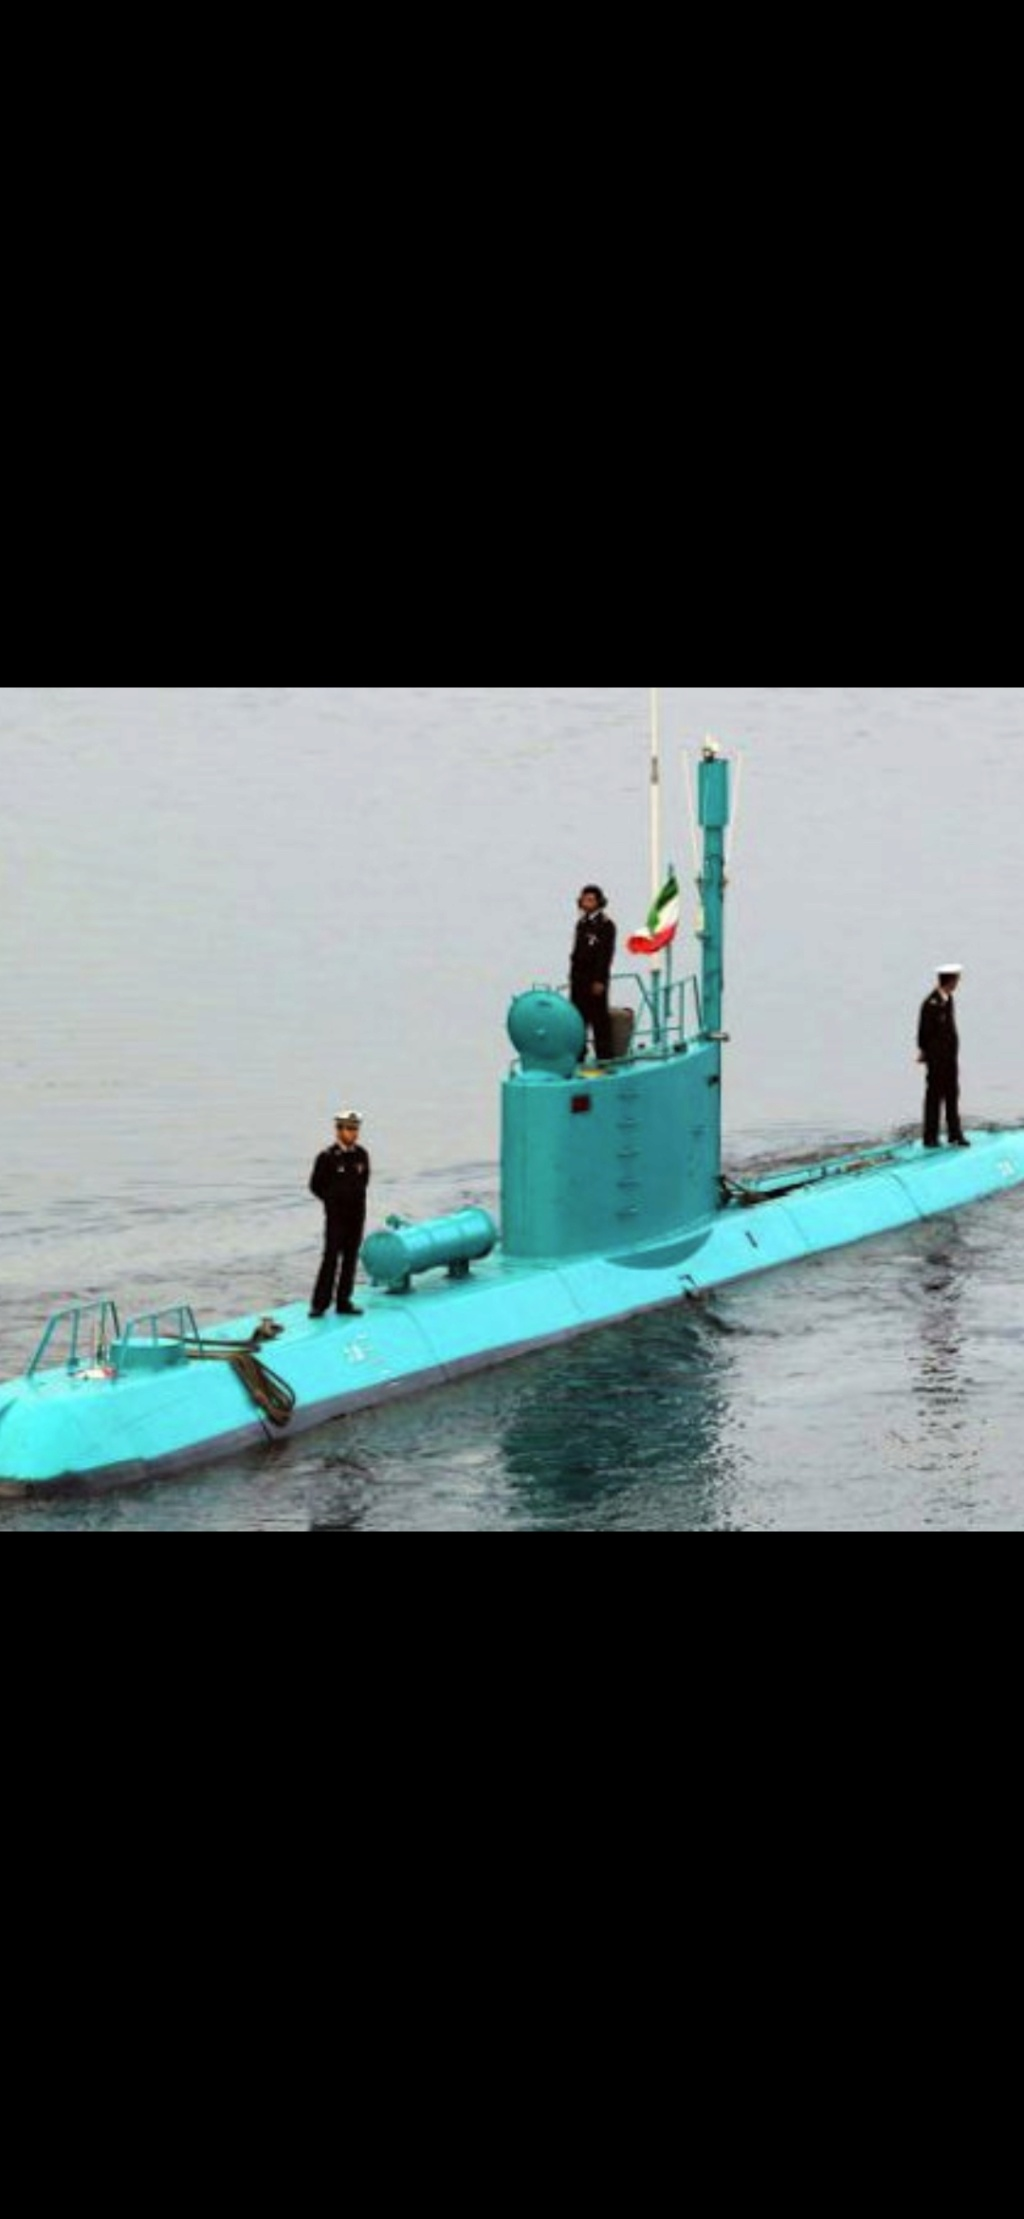 États-Unis-Iran: le risque d'un embrasement - Page 5 Screen65